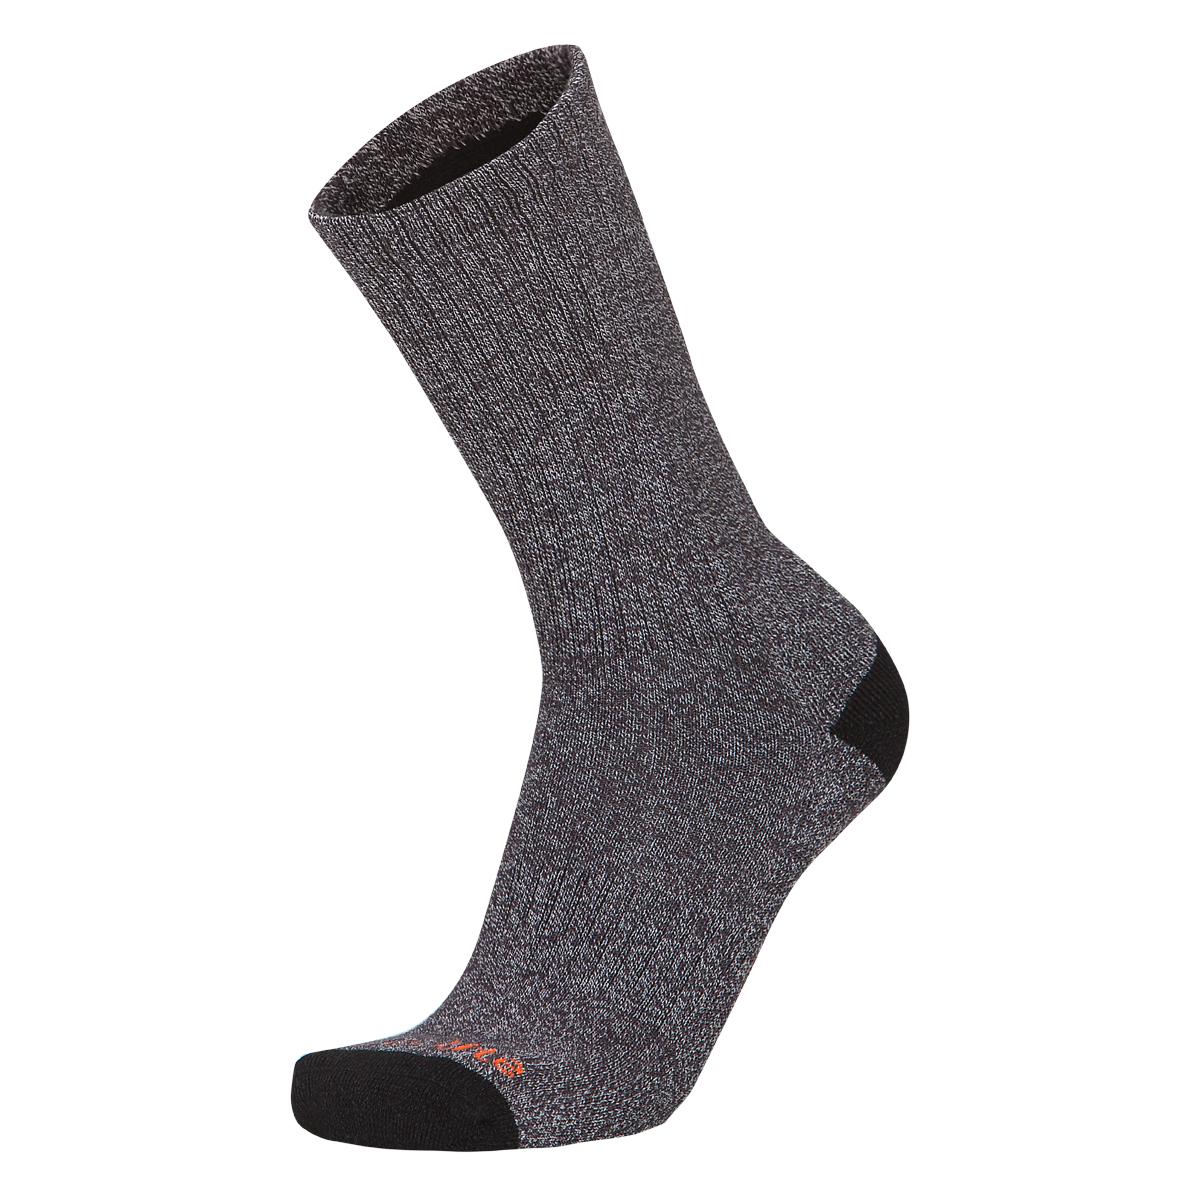 ZAJO Thermolite Socks Midweight Neo Magnet ponožky - veľkosť S